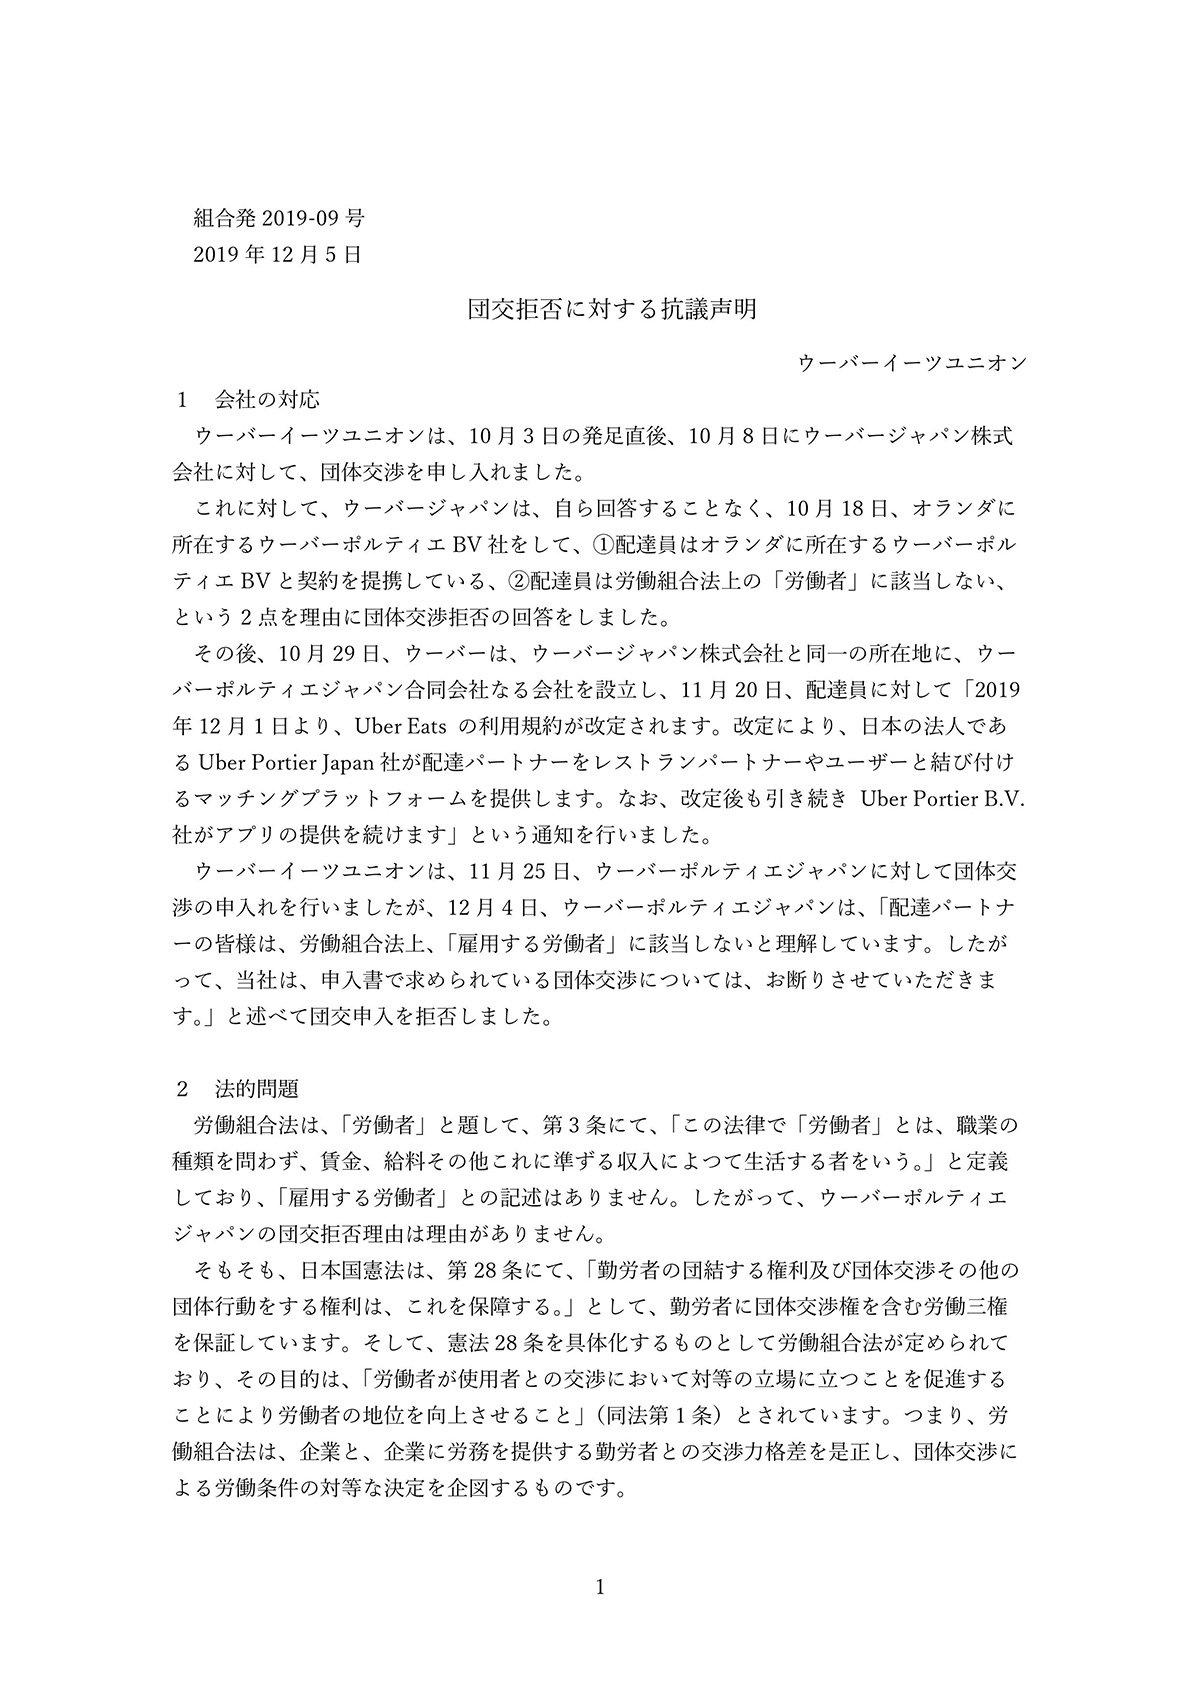 団体交渉拒否に対する抗議声明